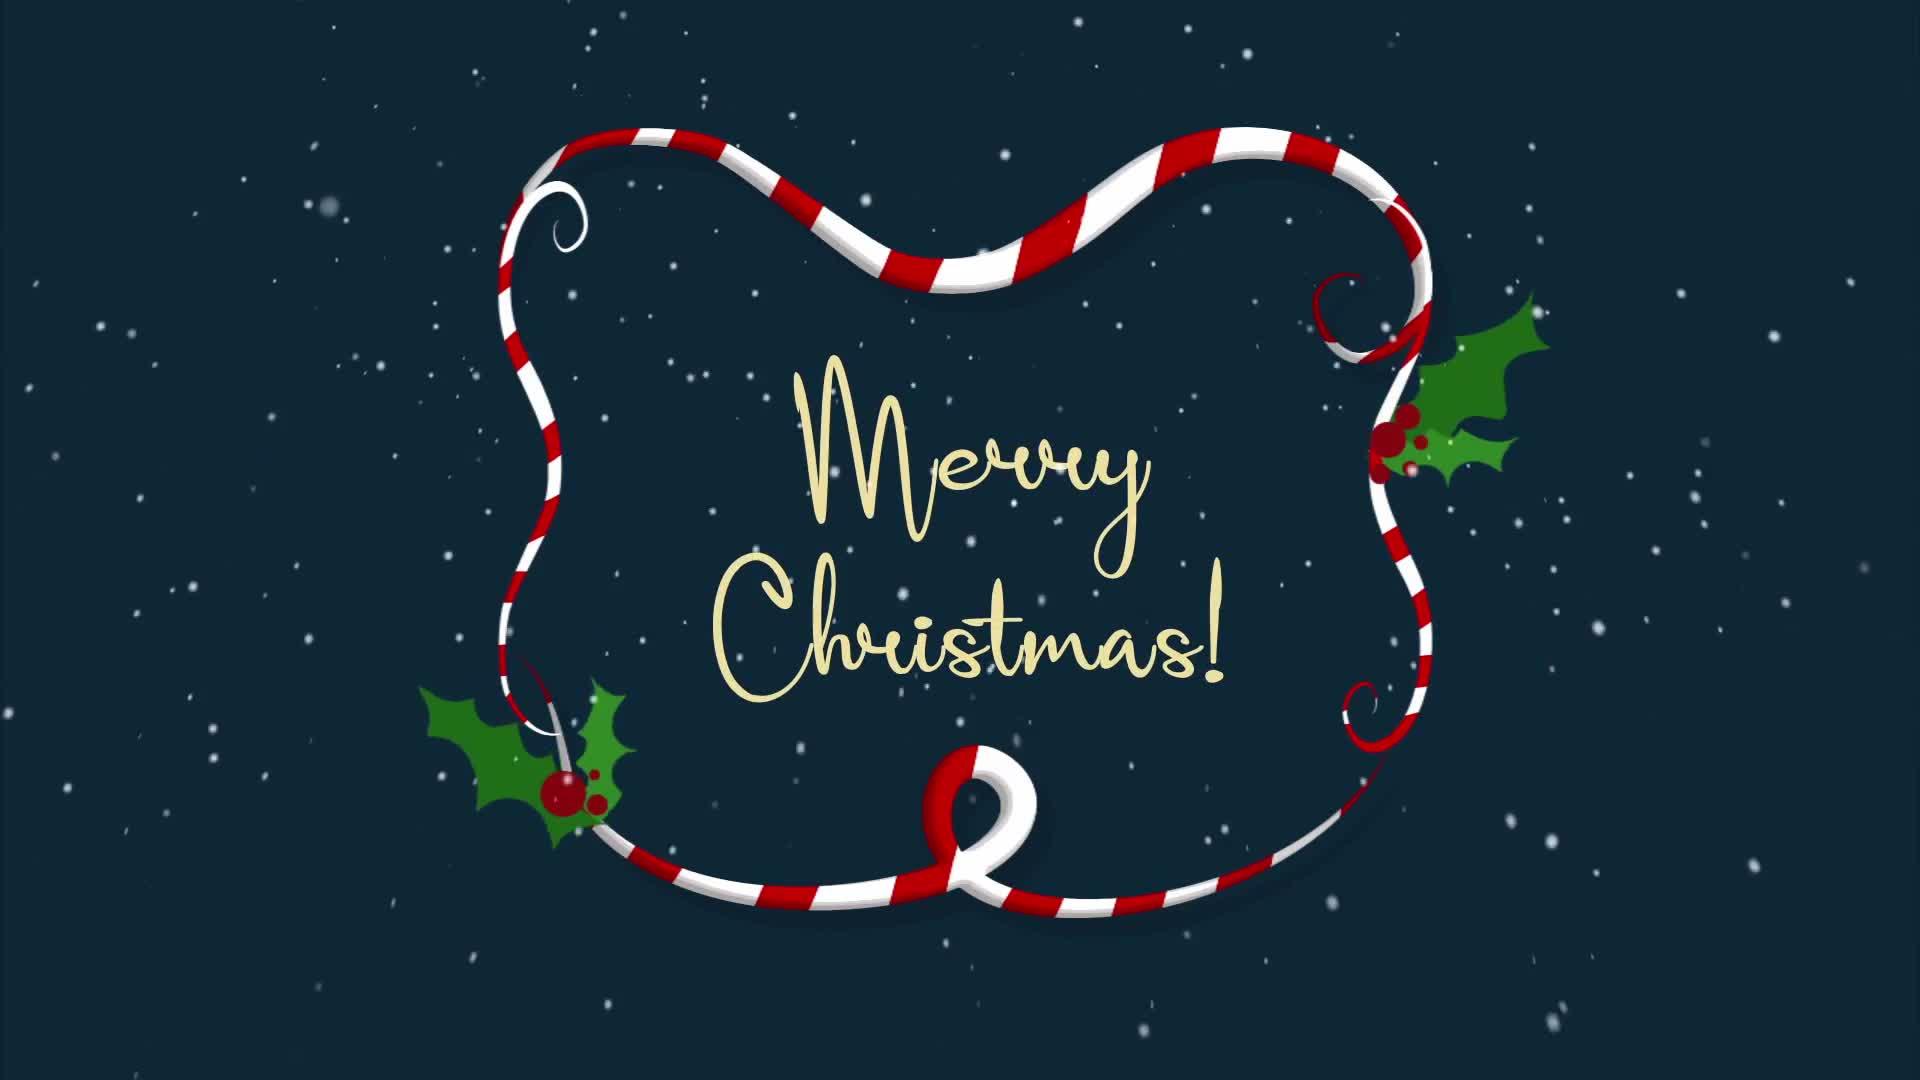 2020 ใหม่สไตล์คริสต์มาสตกแต่งภาพวาดที่มีสีสันคริสต์มาสไม้DIYบ้านเครื่องประดับแขวนคริสต์มาสตกแต่งLED